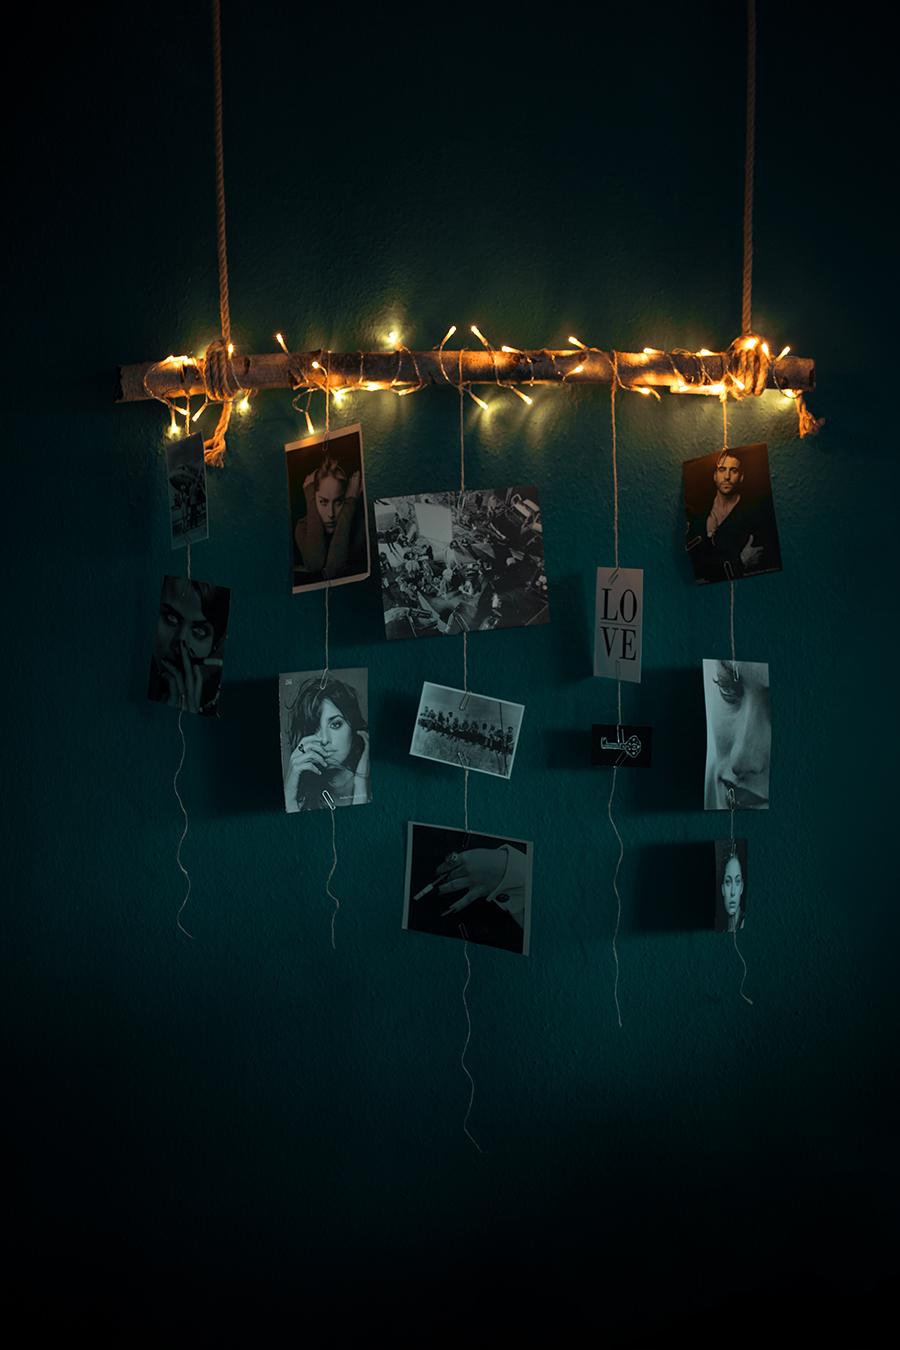 Diy Fotowand mit Birkenstamm mit Lichterkette